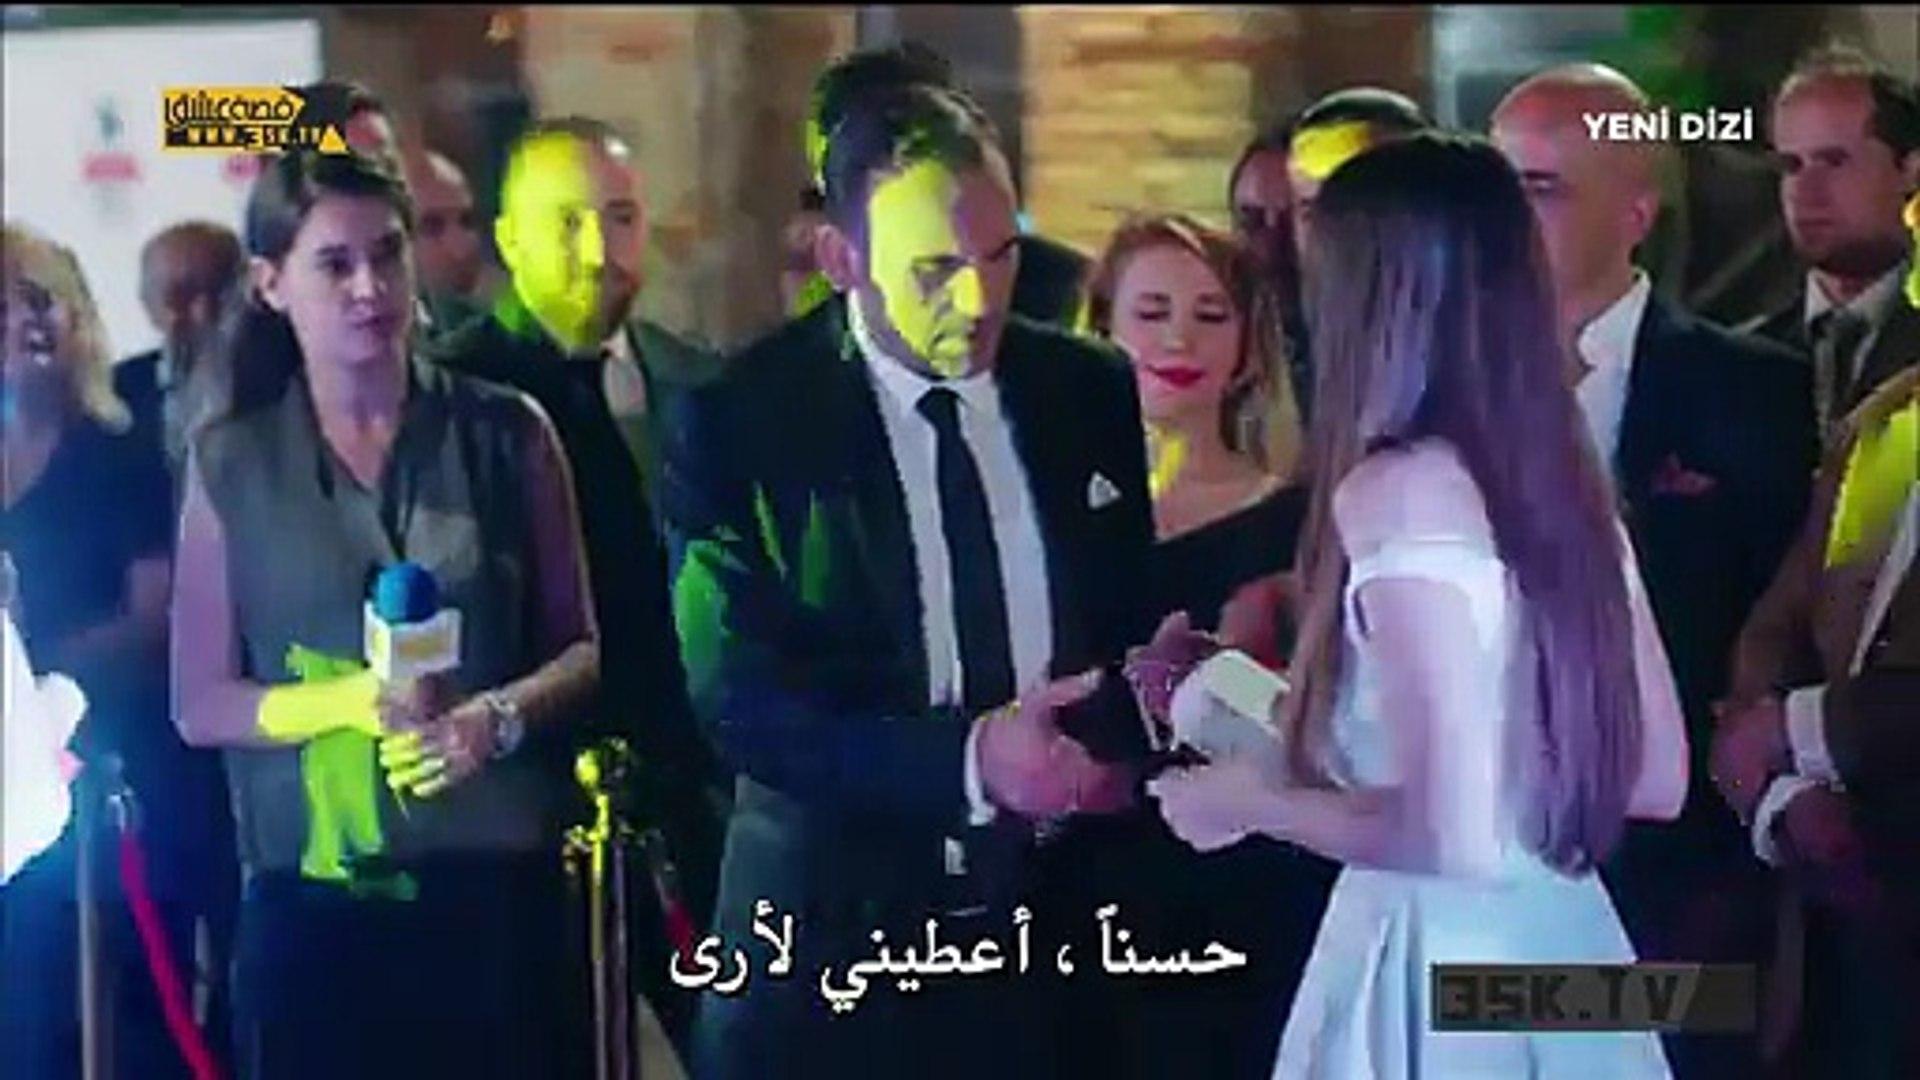 مسلسل ارجوك ان نفترق الحلقة 1 القسم 1 مترجم للعربية فيديو Dailymotion